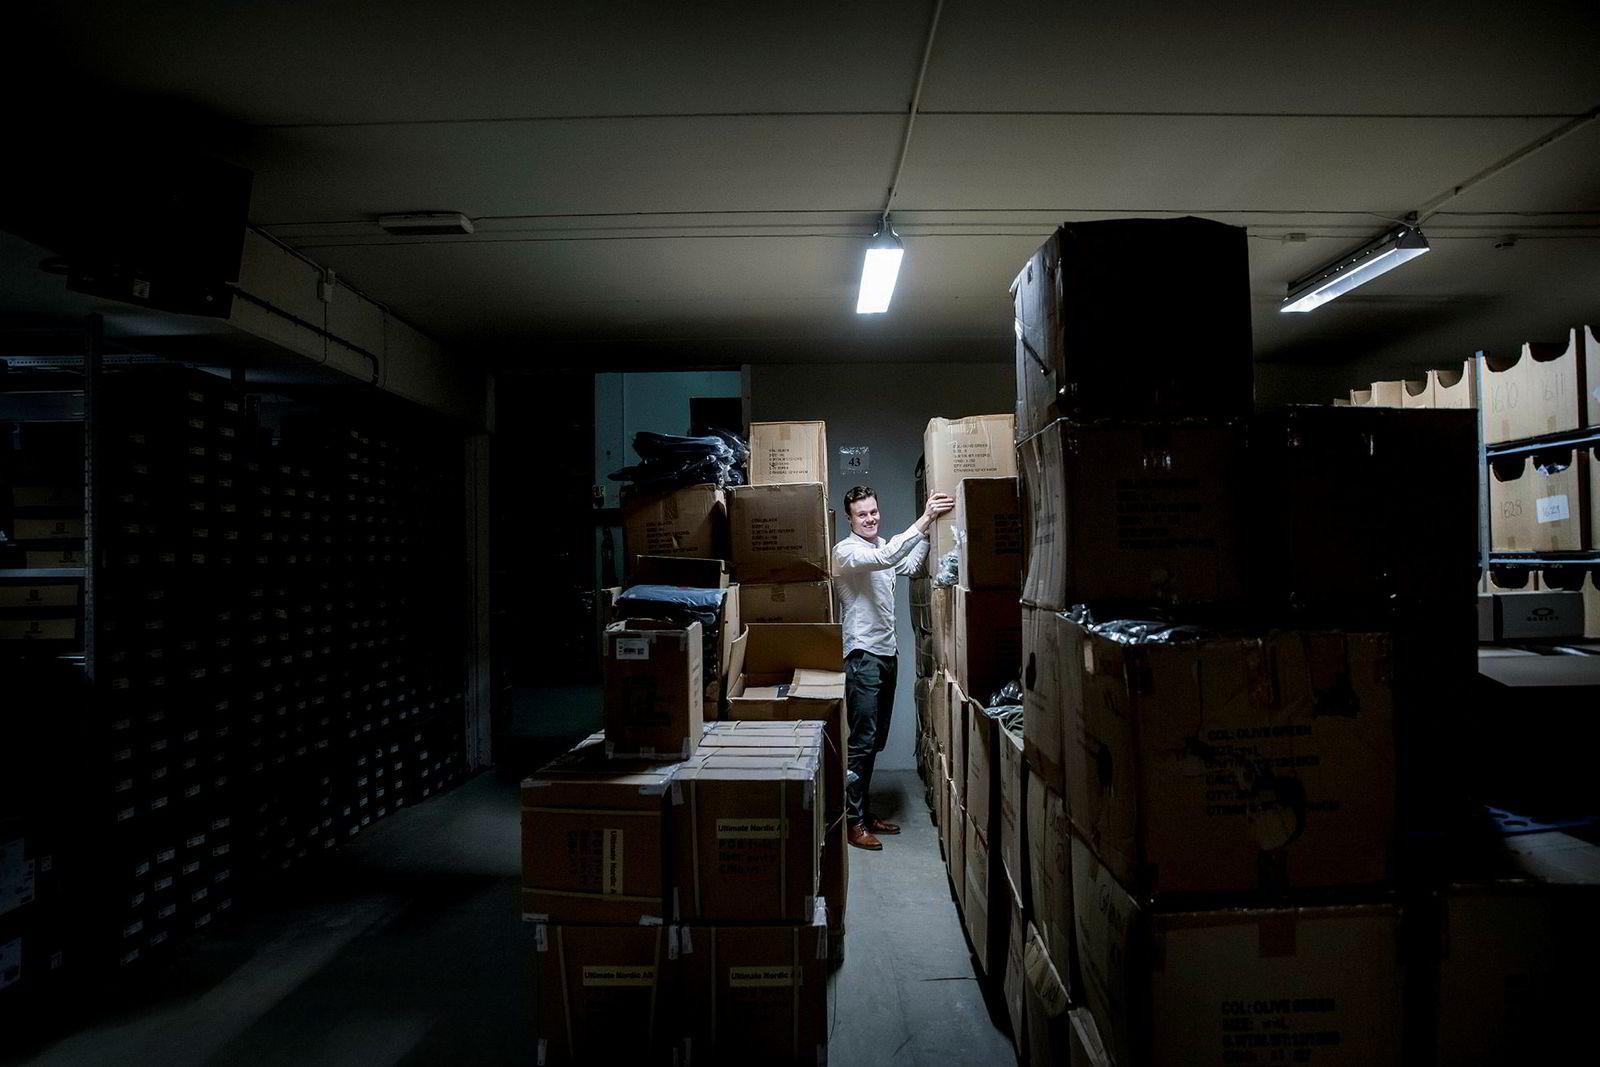 – Her har vi 5000 varer, sier gründer Finn Magnus Flesland Torall i Milrab om selskapets lager i Oslo